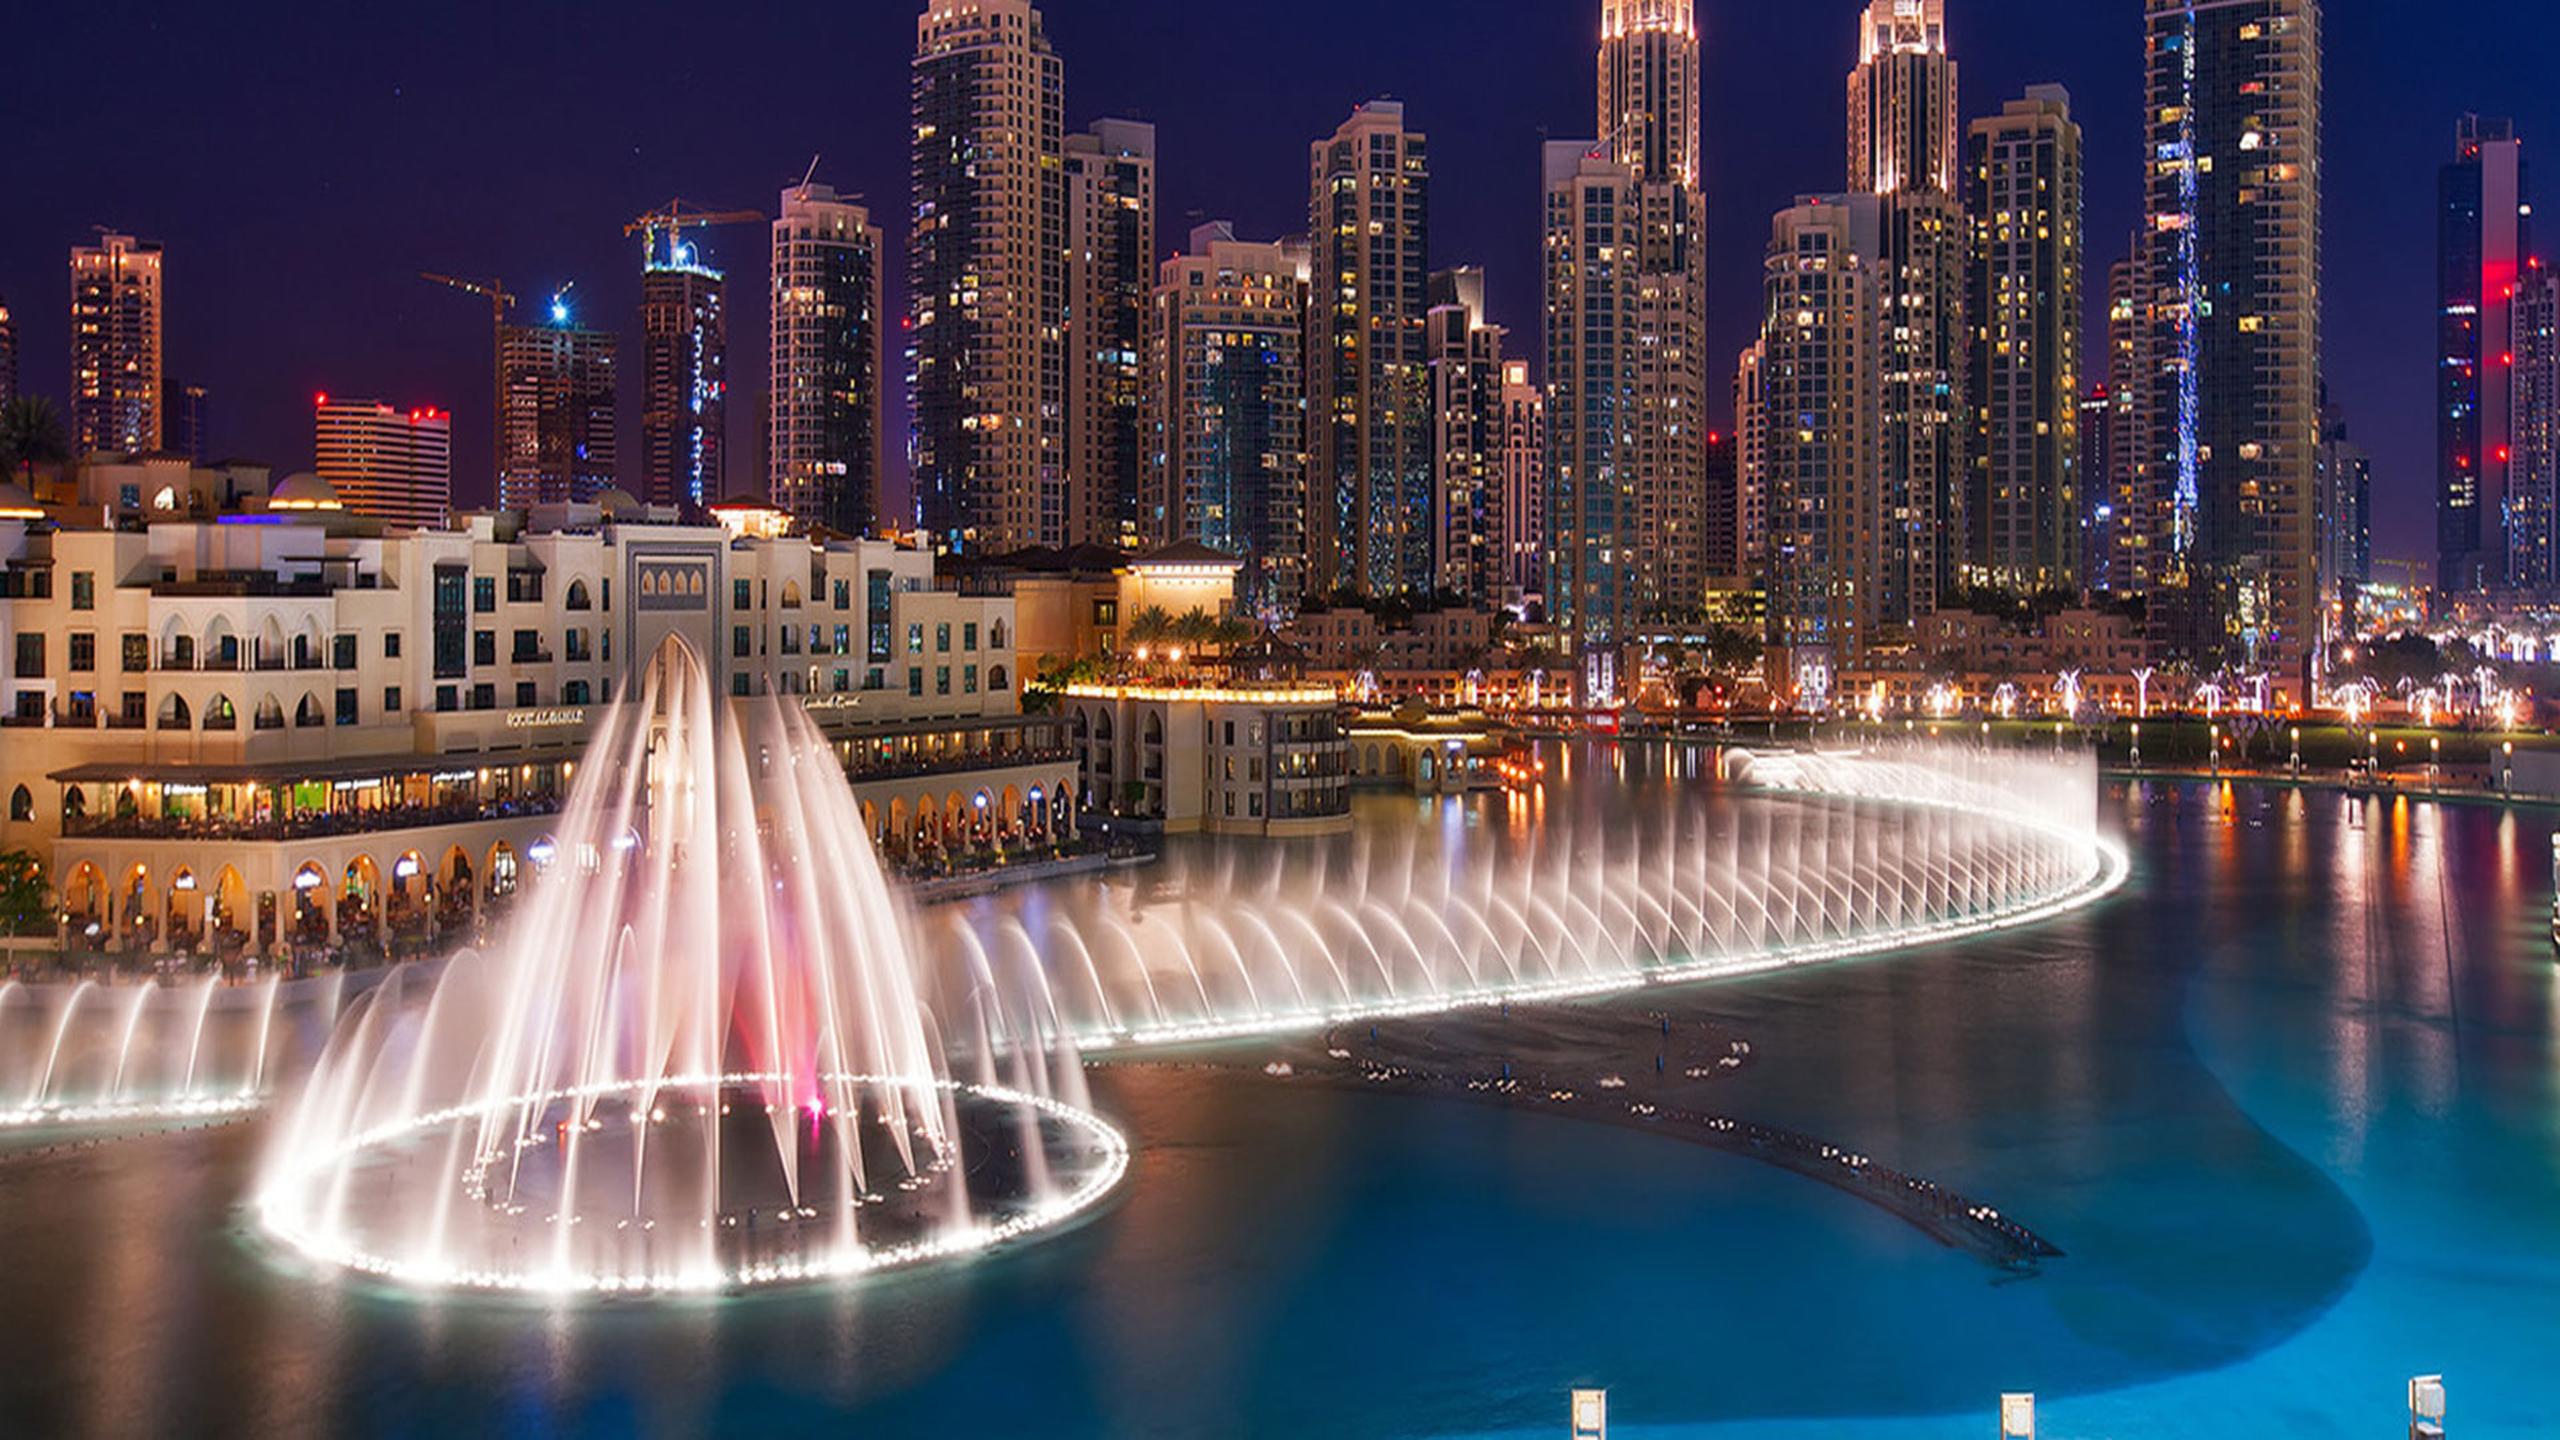 3d Wallpaper In Qatar Dubai Fountains Fountain On The Burj Khalifa Lake